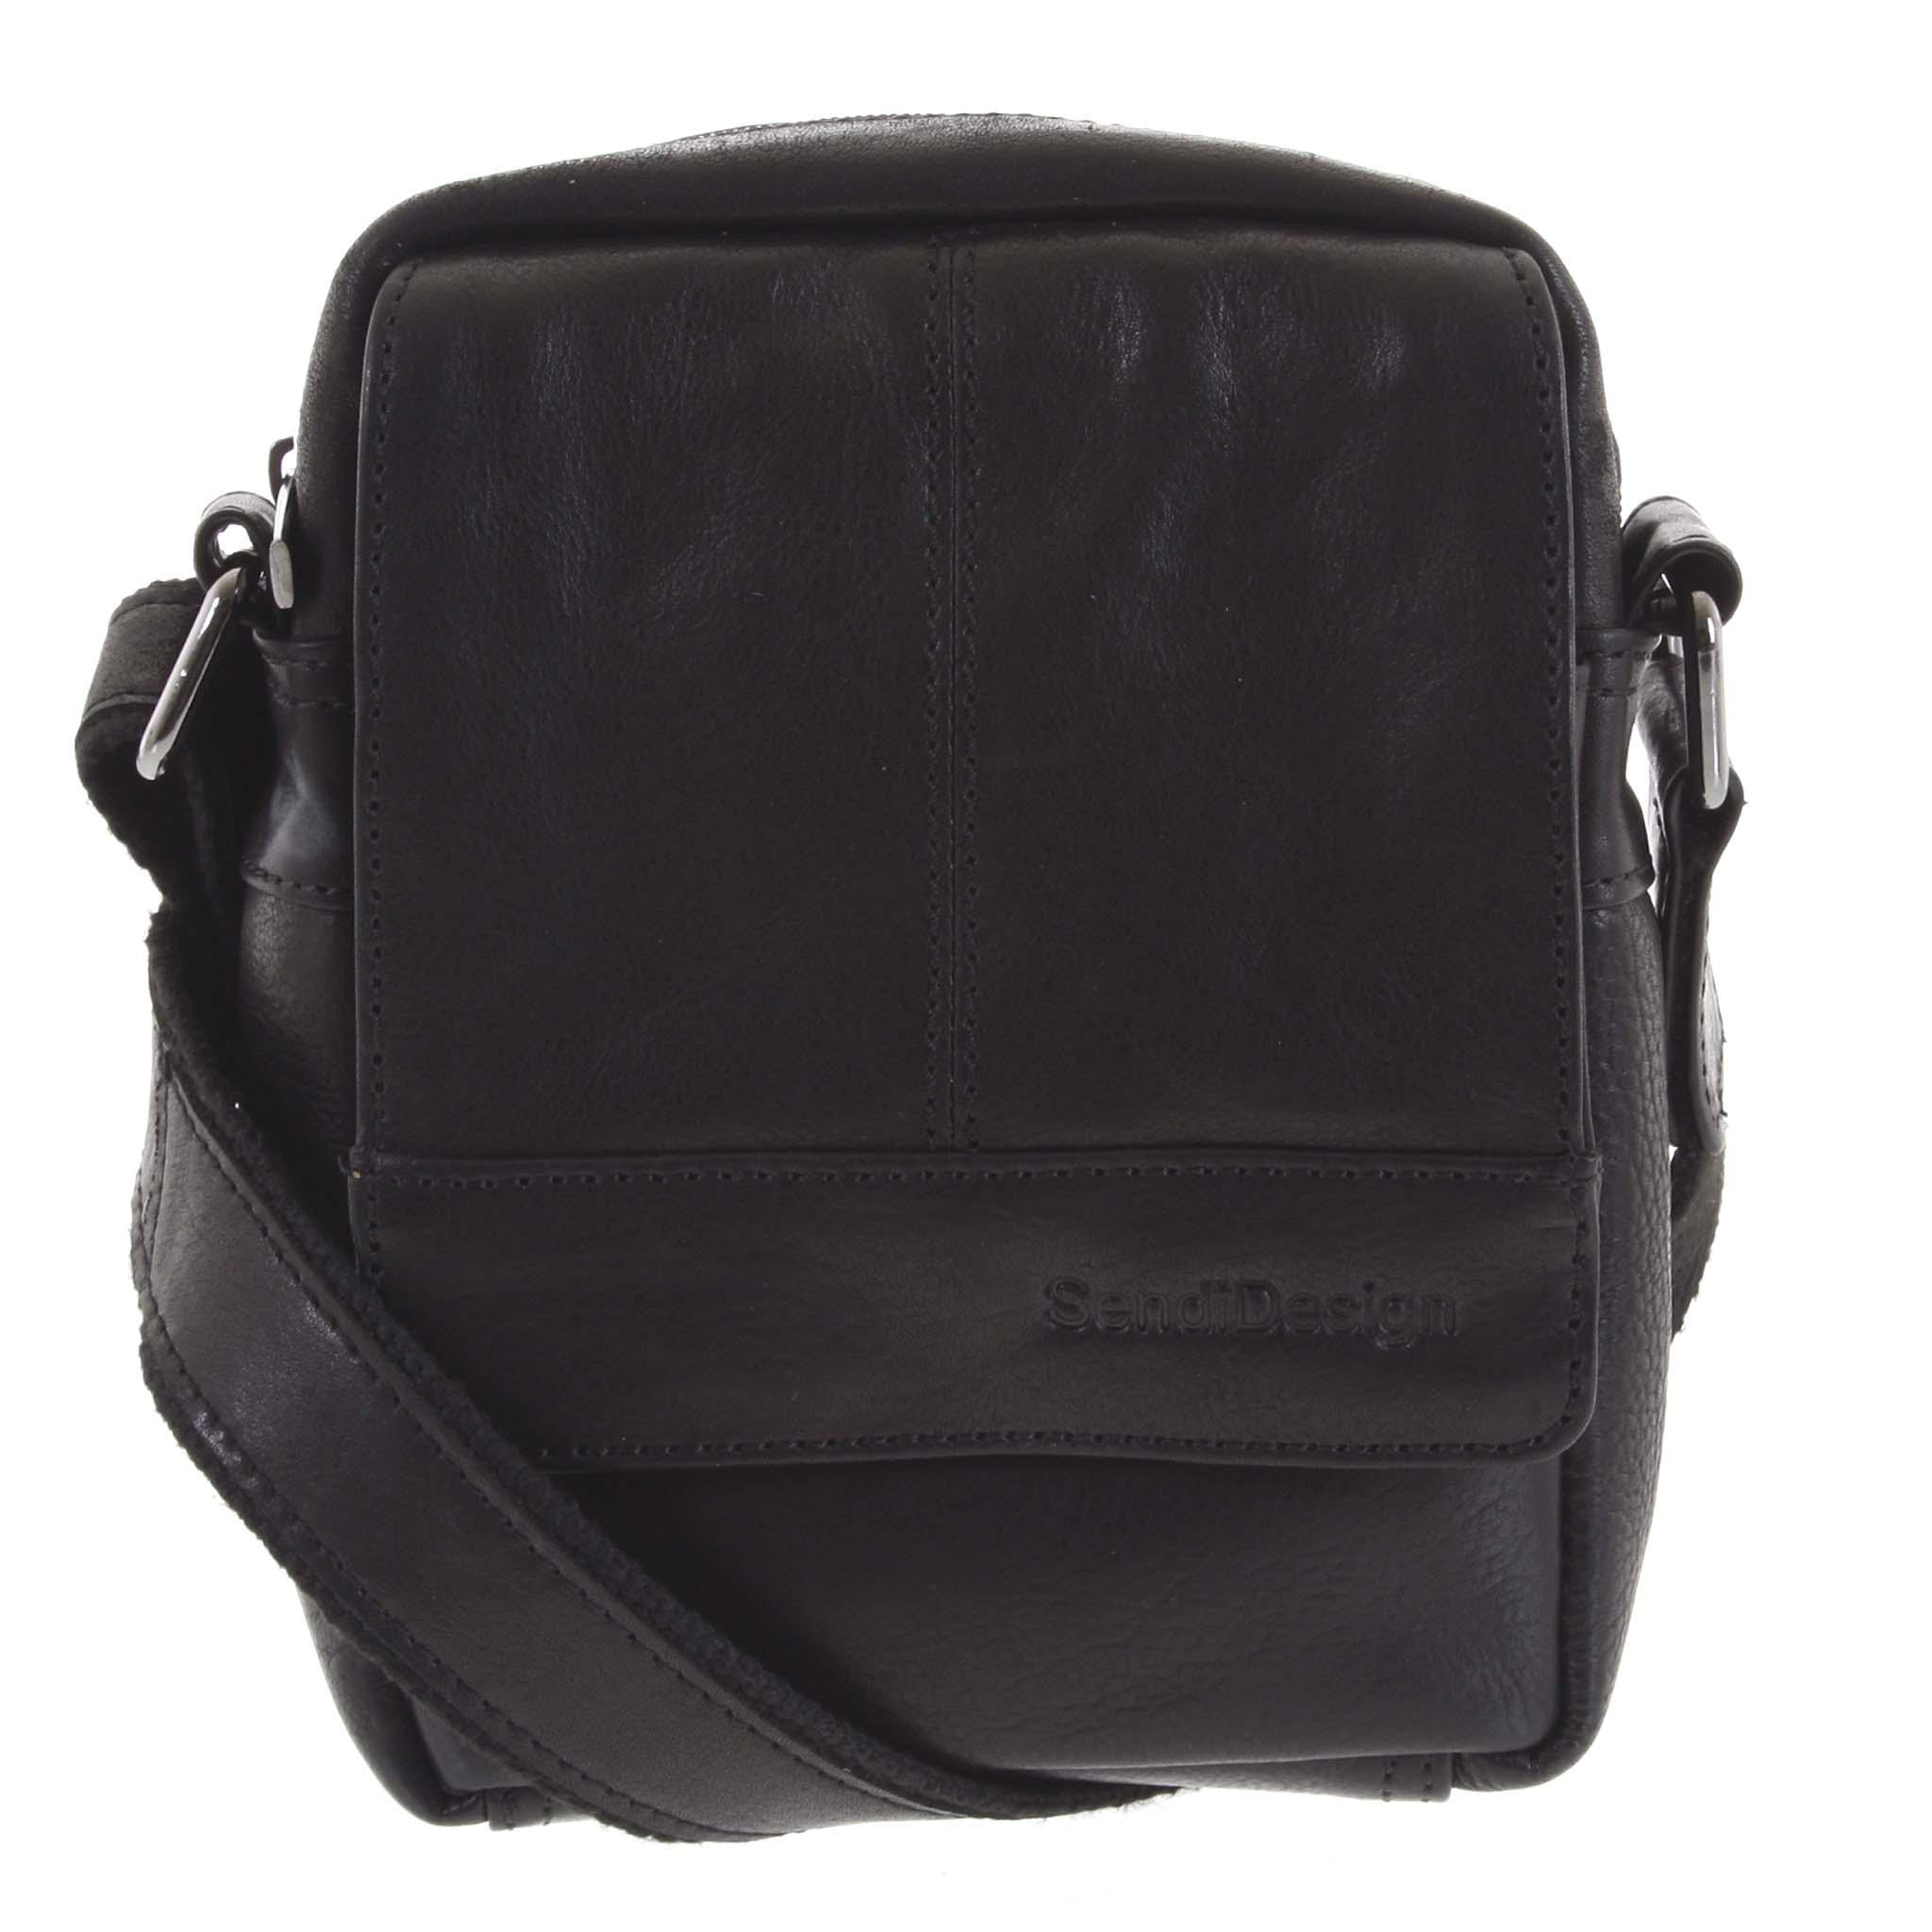 Pánska kožená crossbody taška na doklady čierna - SendiDesign Niall